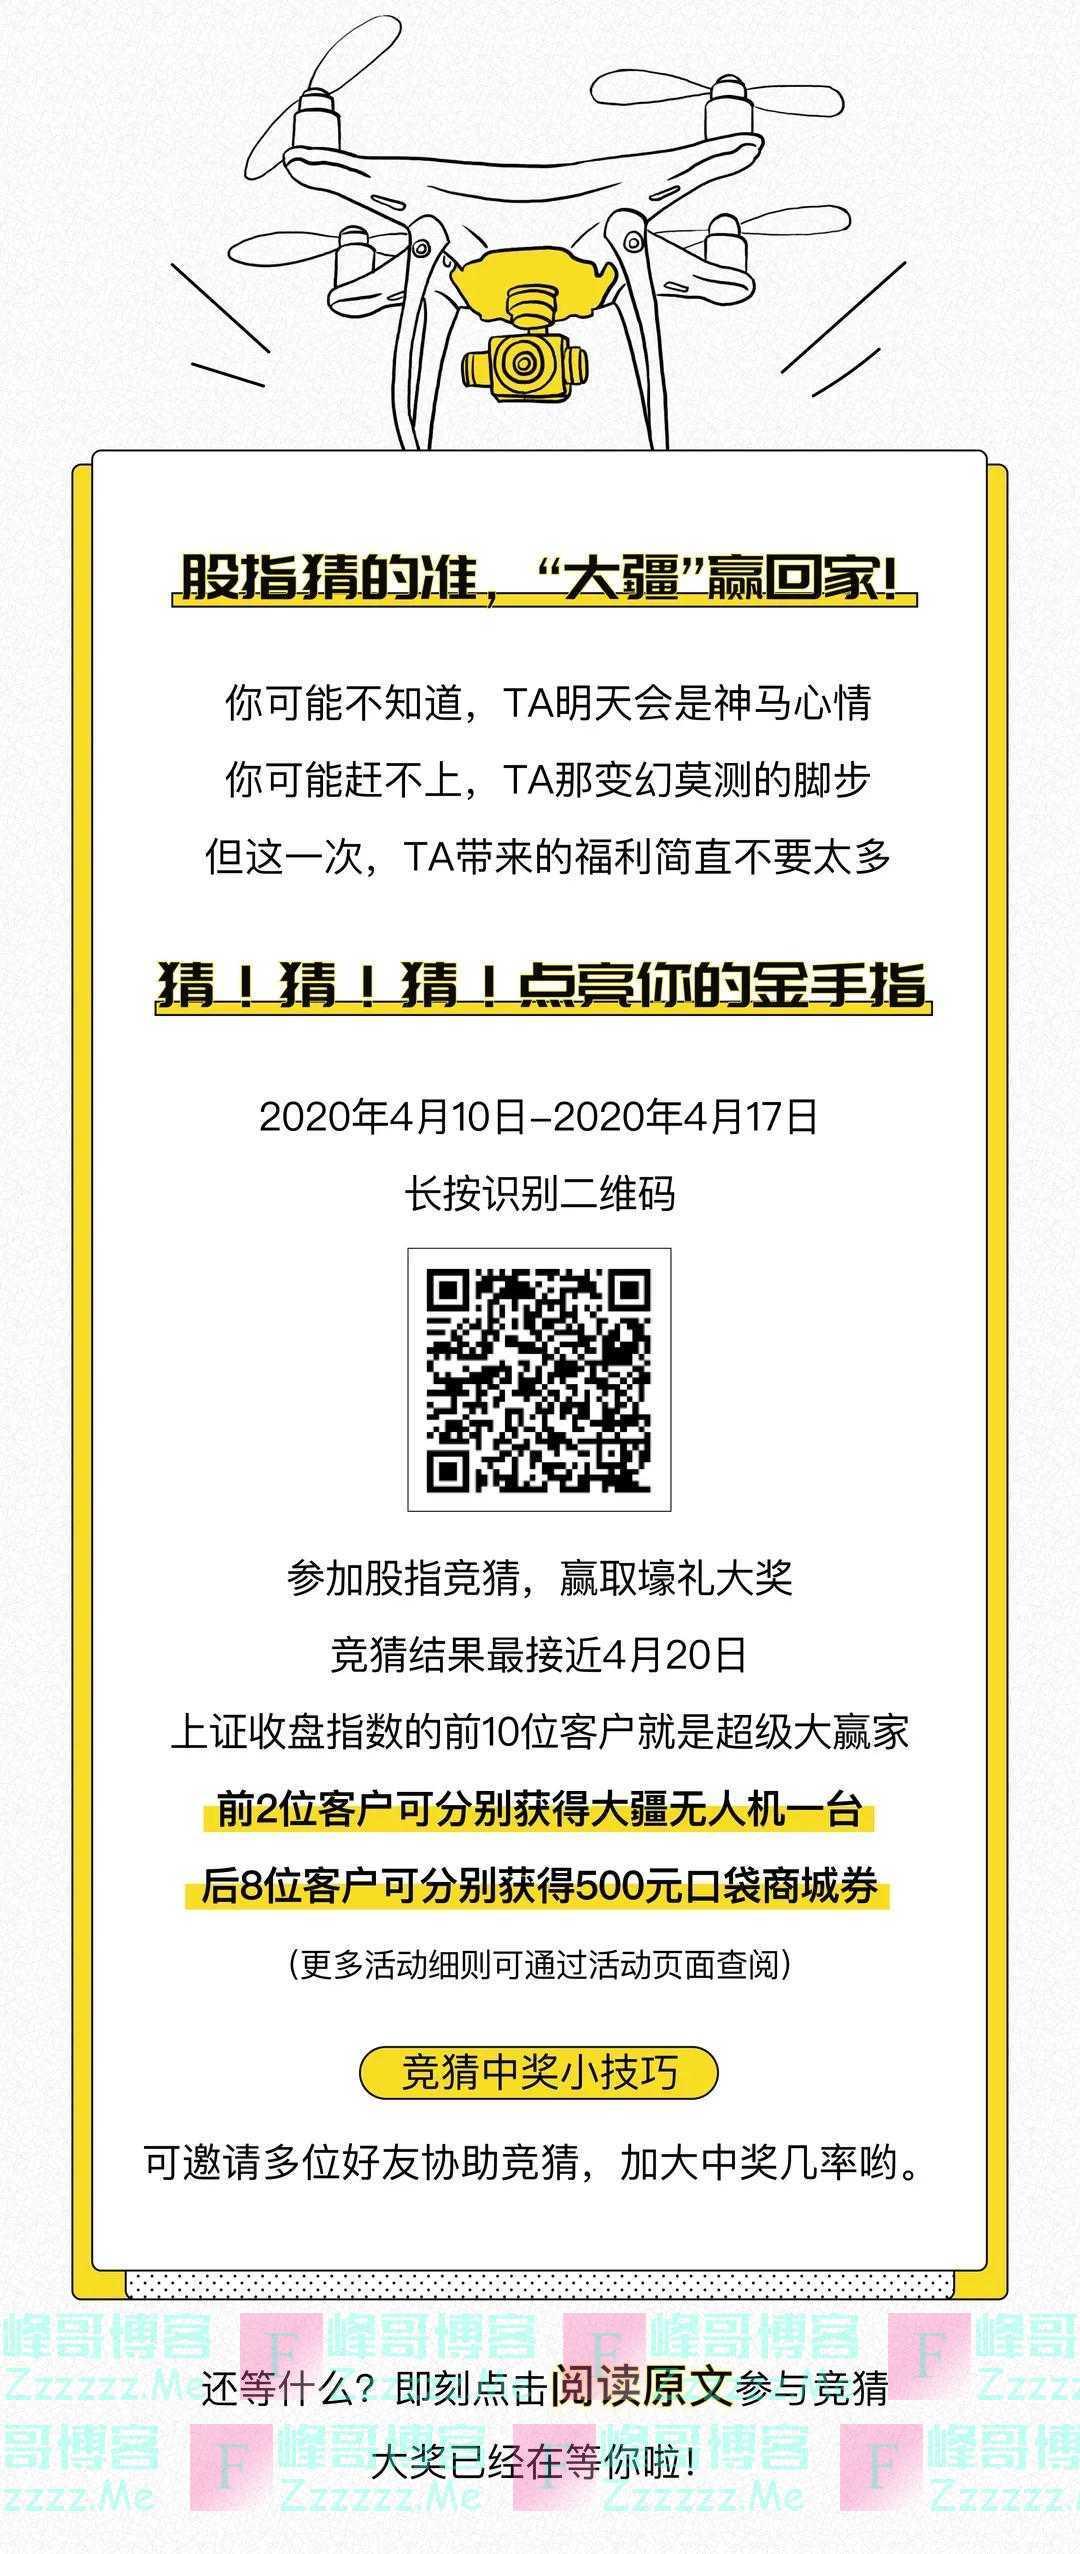 平安银行有奖竞猜(截止4月17日)